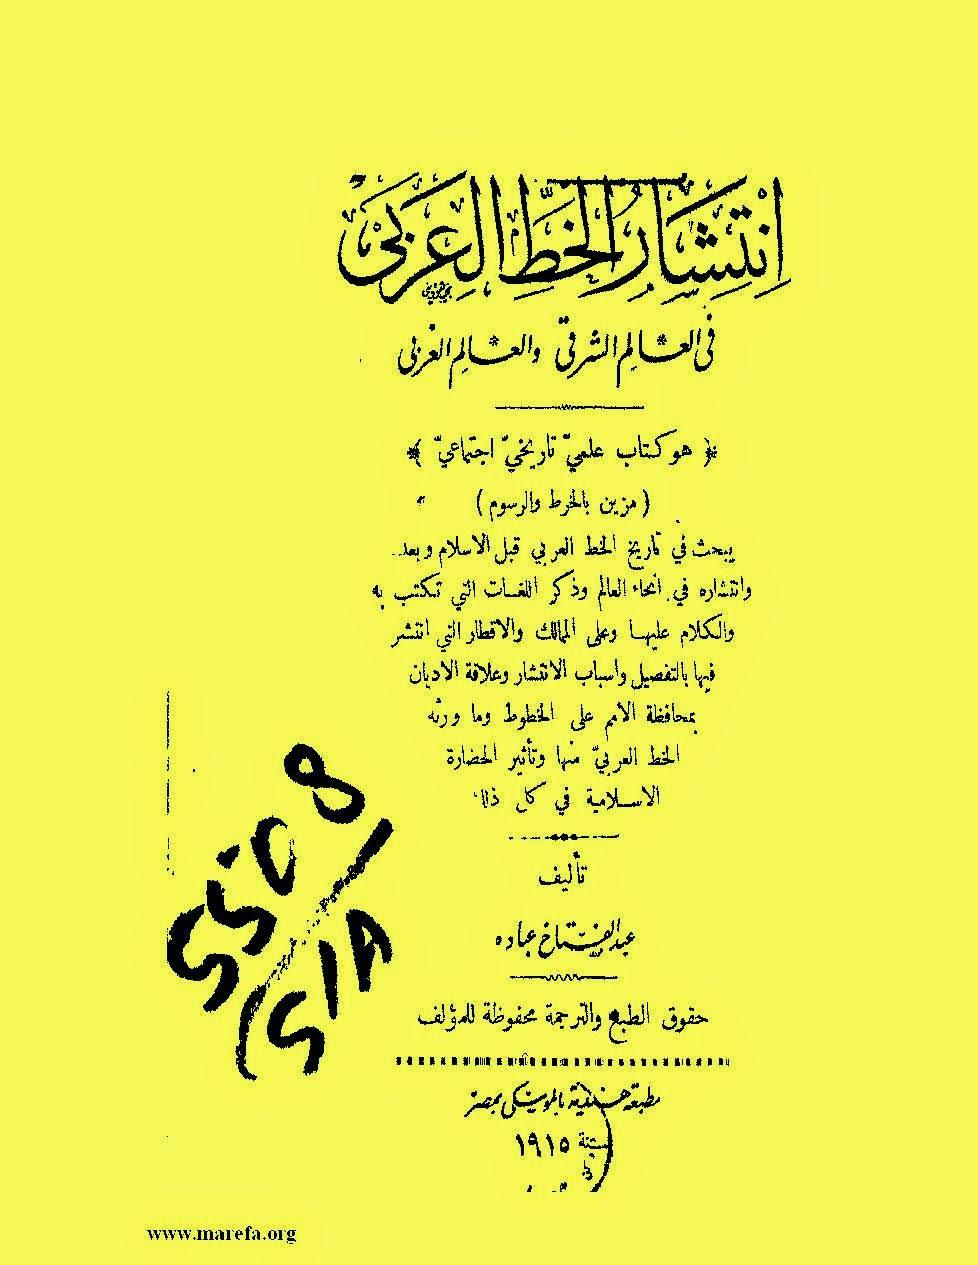 انتشار الخط العربي في العالم الشرقي والعالم الغربي _ عبد الفتاح عبادة